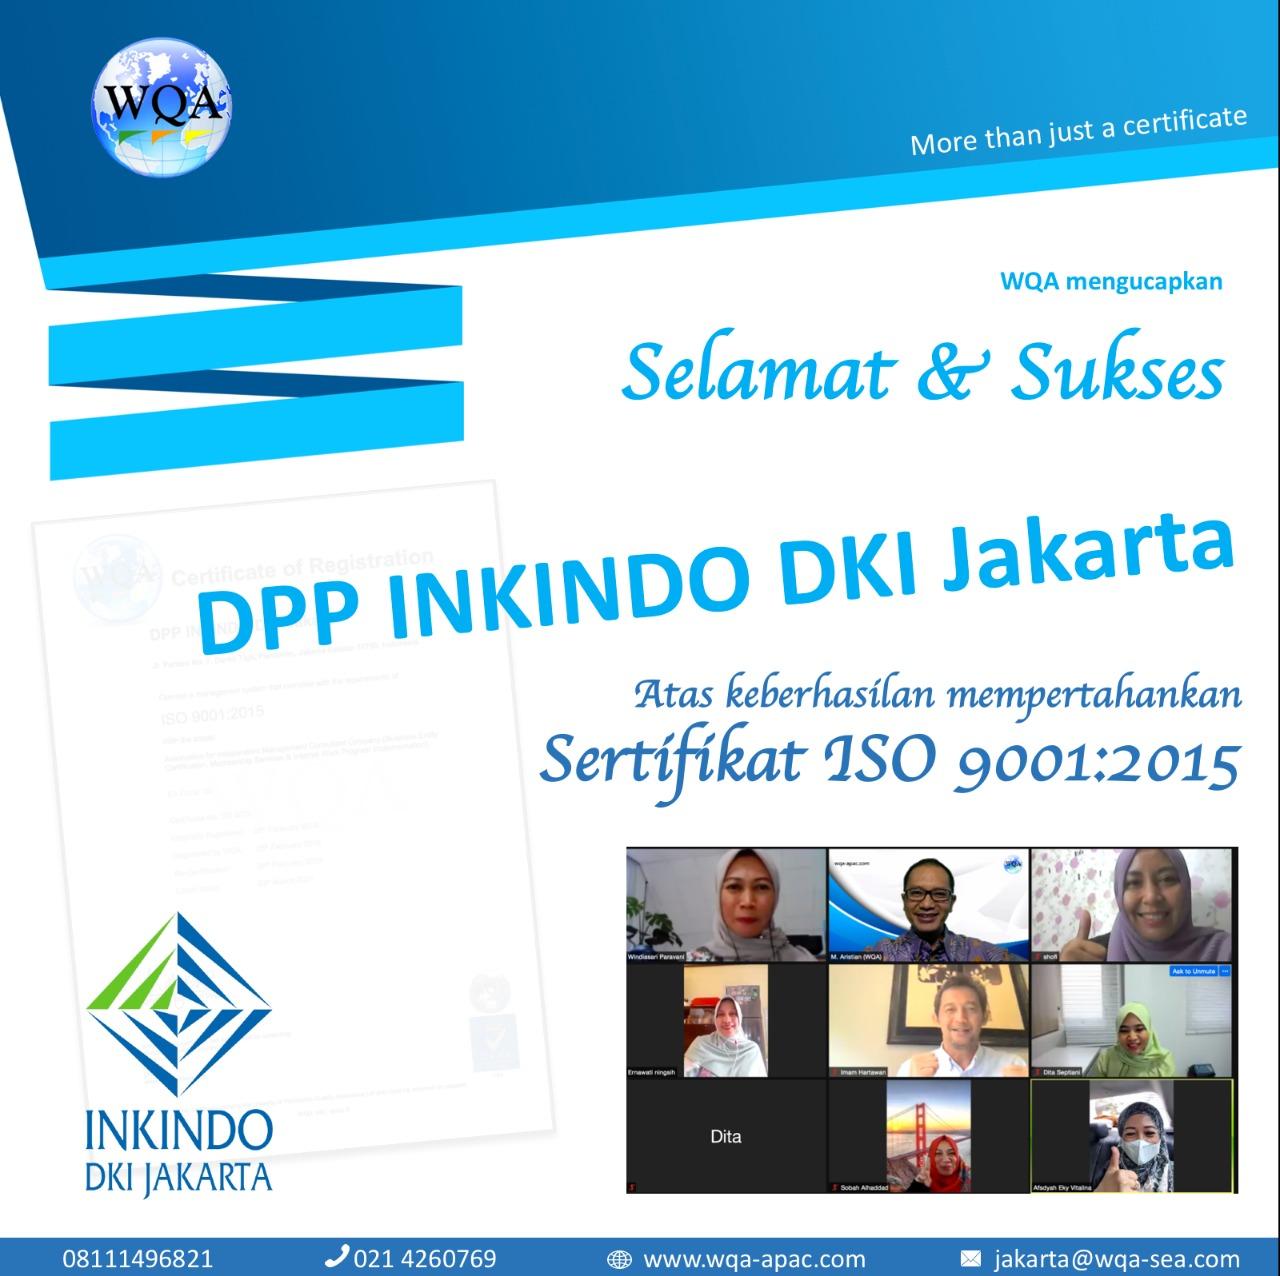 Sertifikat ISO WQA 9001:2015